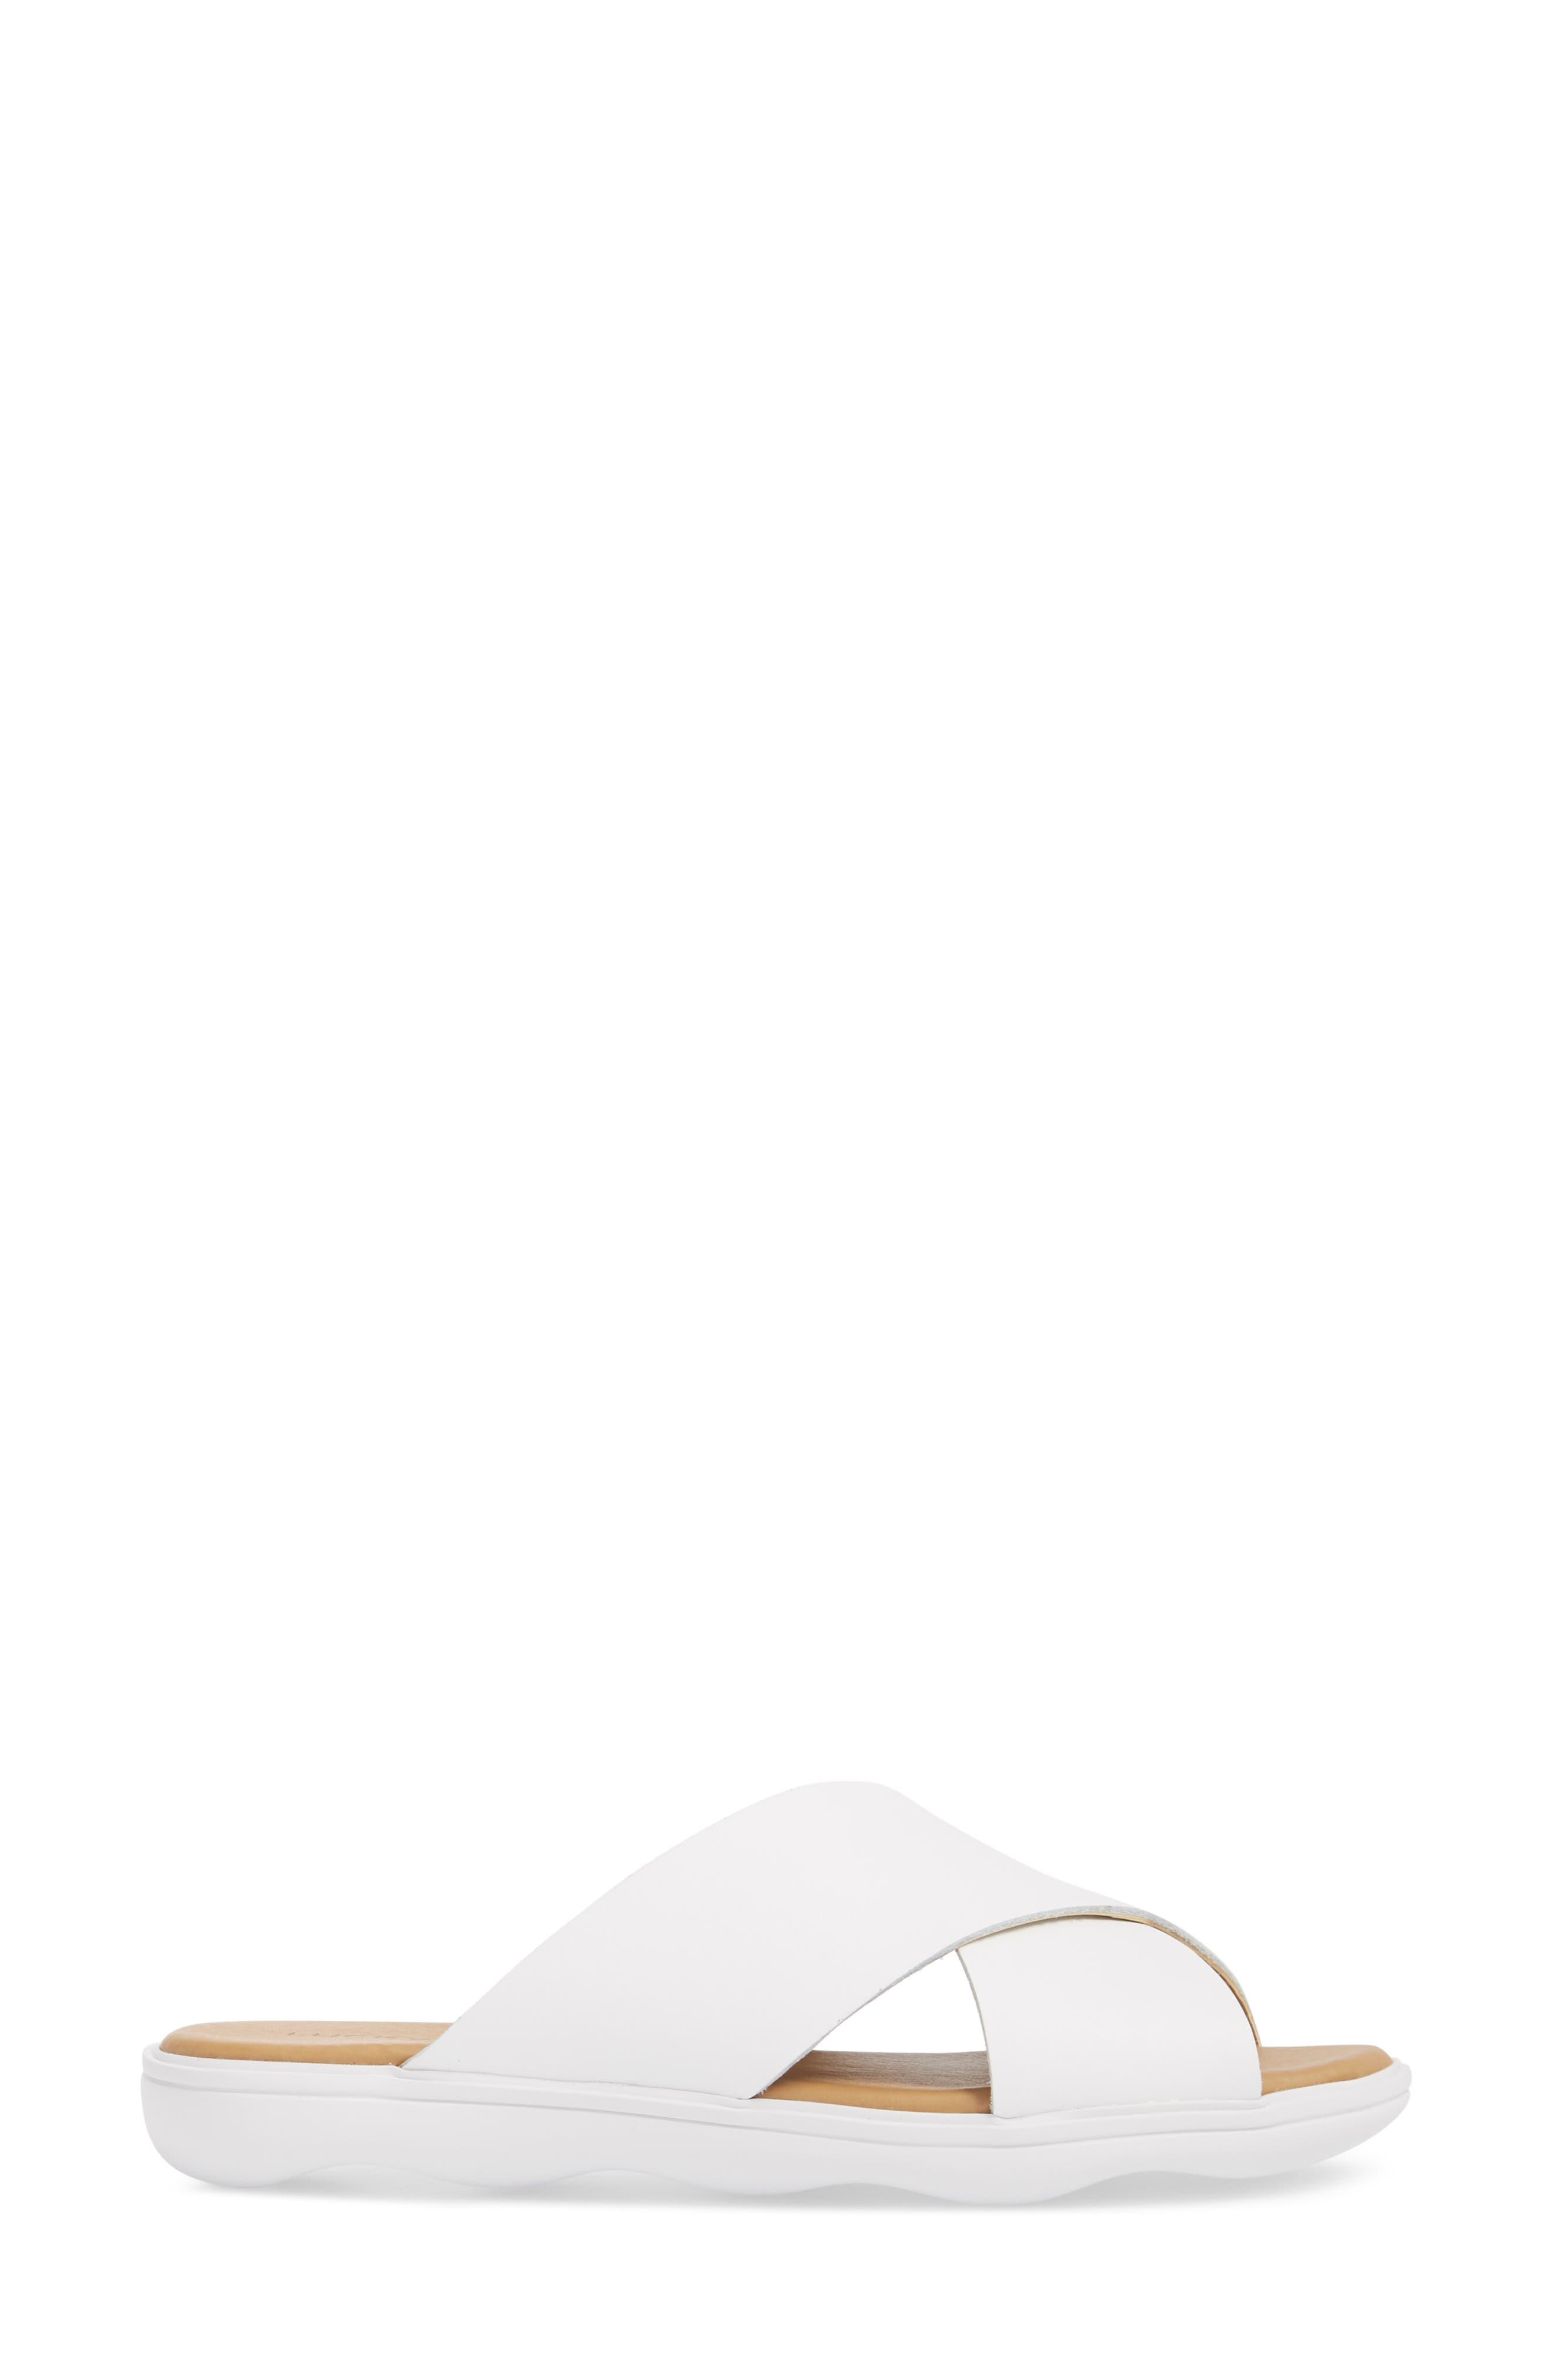 Mahlay Slide Sandal,                             Alternate thumbnail 3, color,                             Optic White Leather